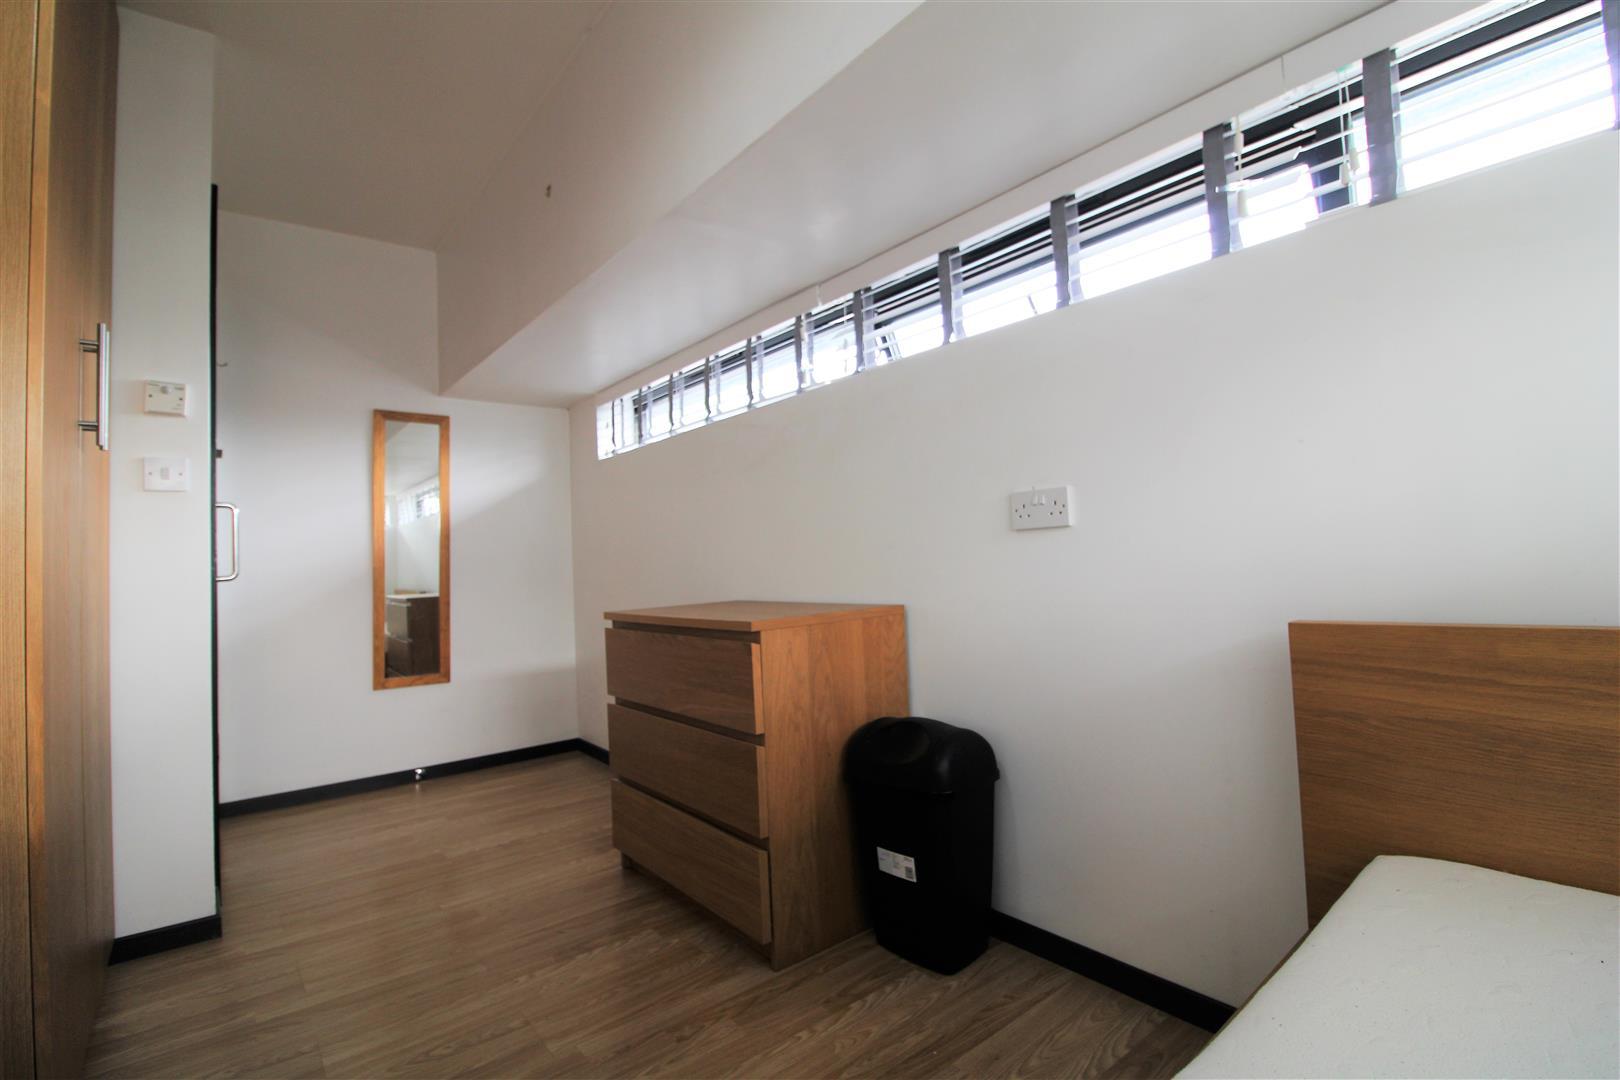 Flat 7, Masonic Halls, 2 New Road, Lancaster, LA1 1EZ